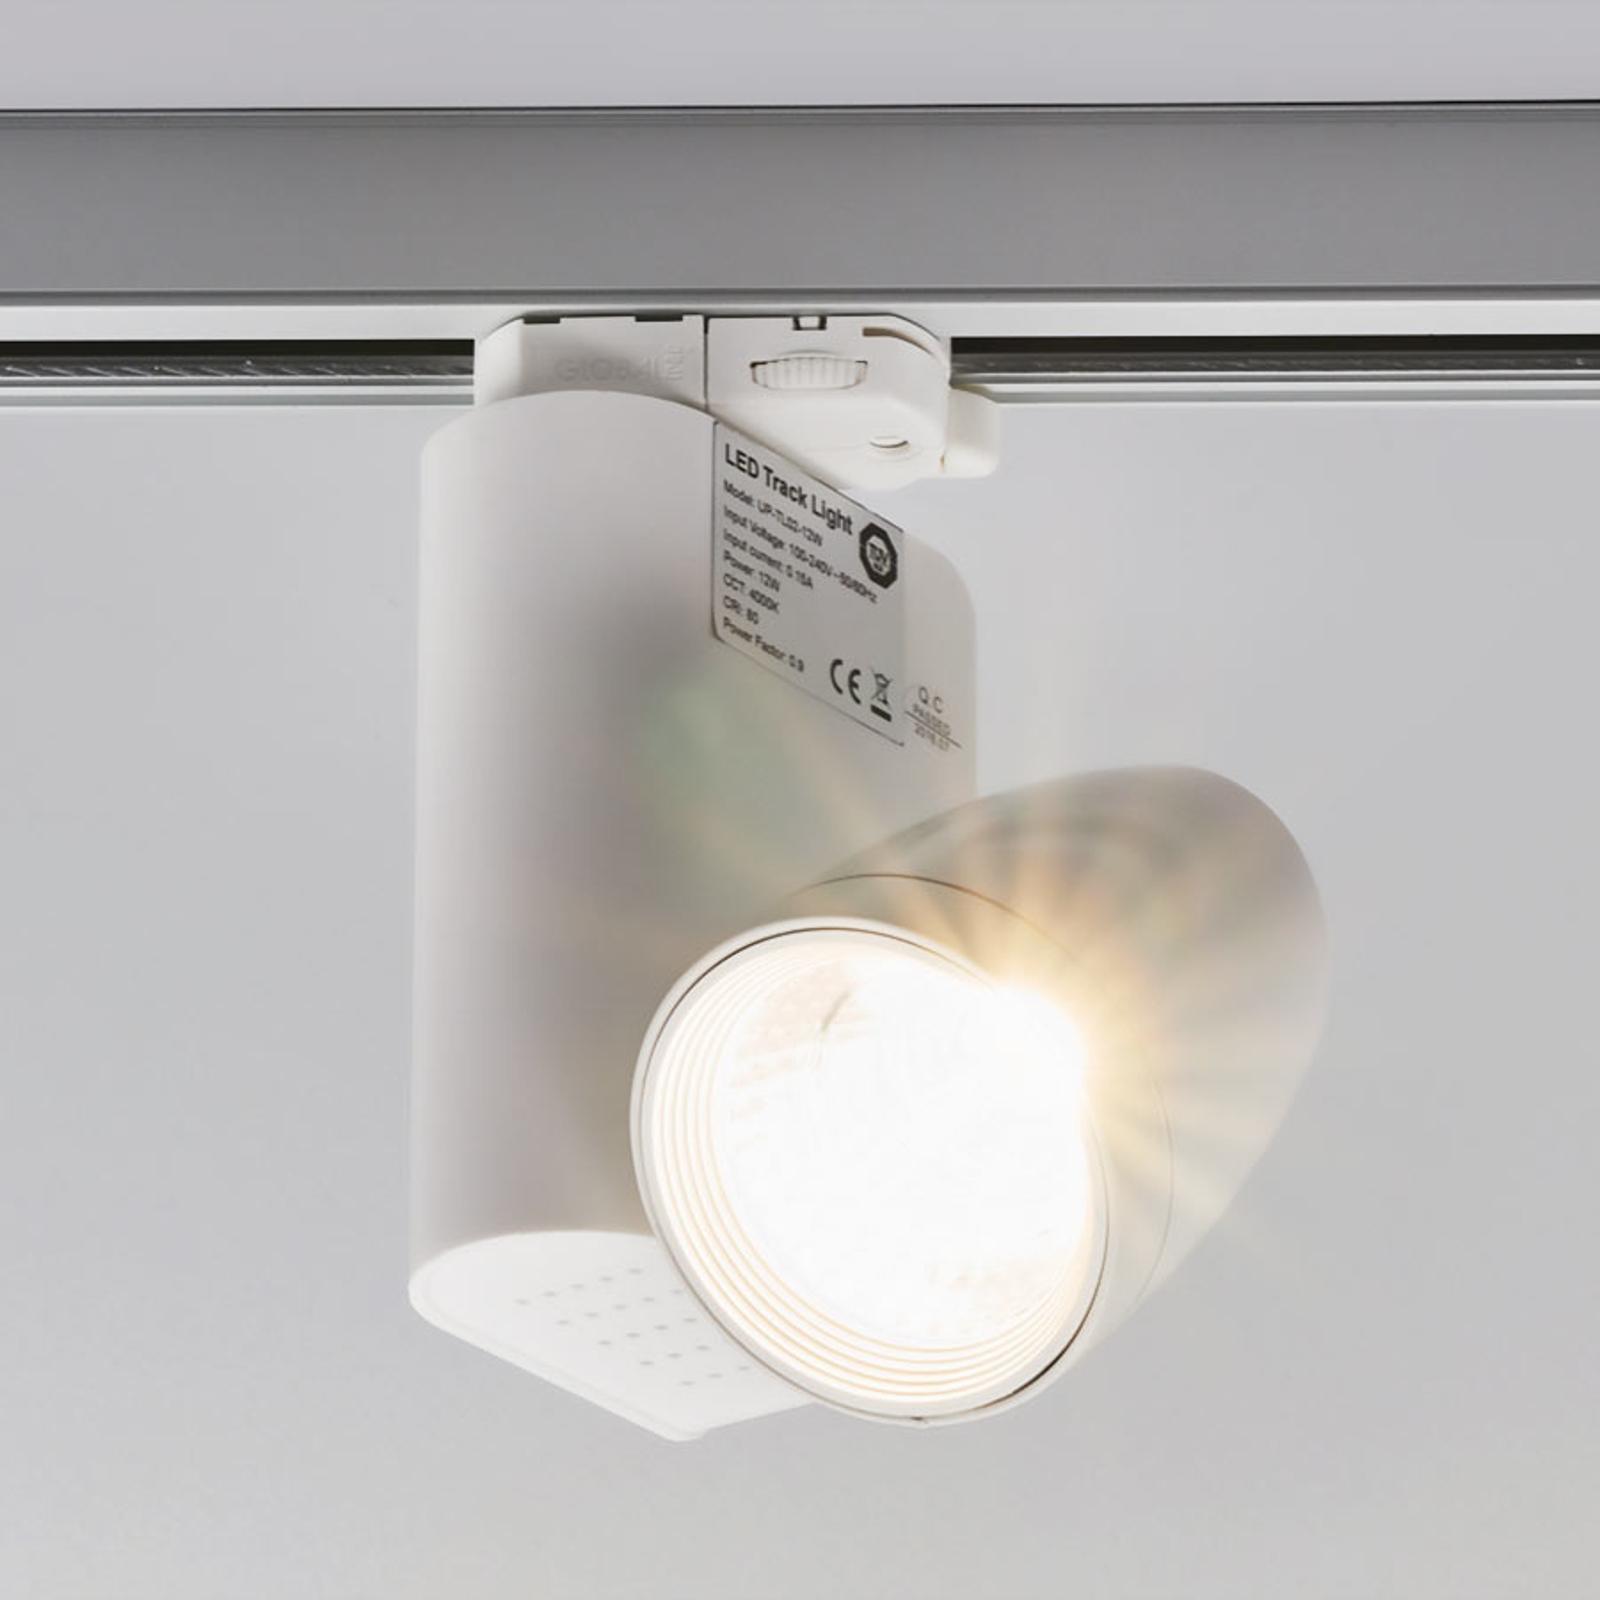 Kolmivaihe-virtakiskosäteilijä Colin LED-lampuilla